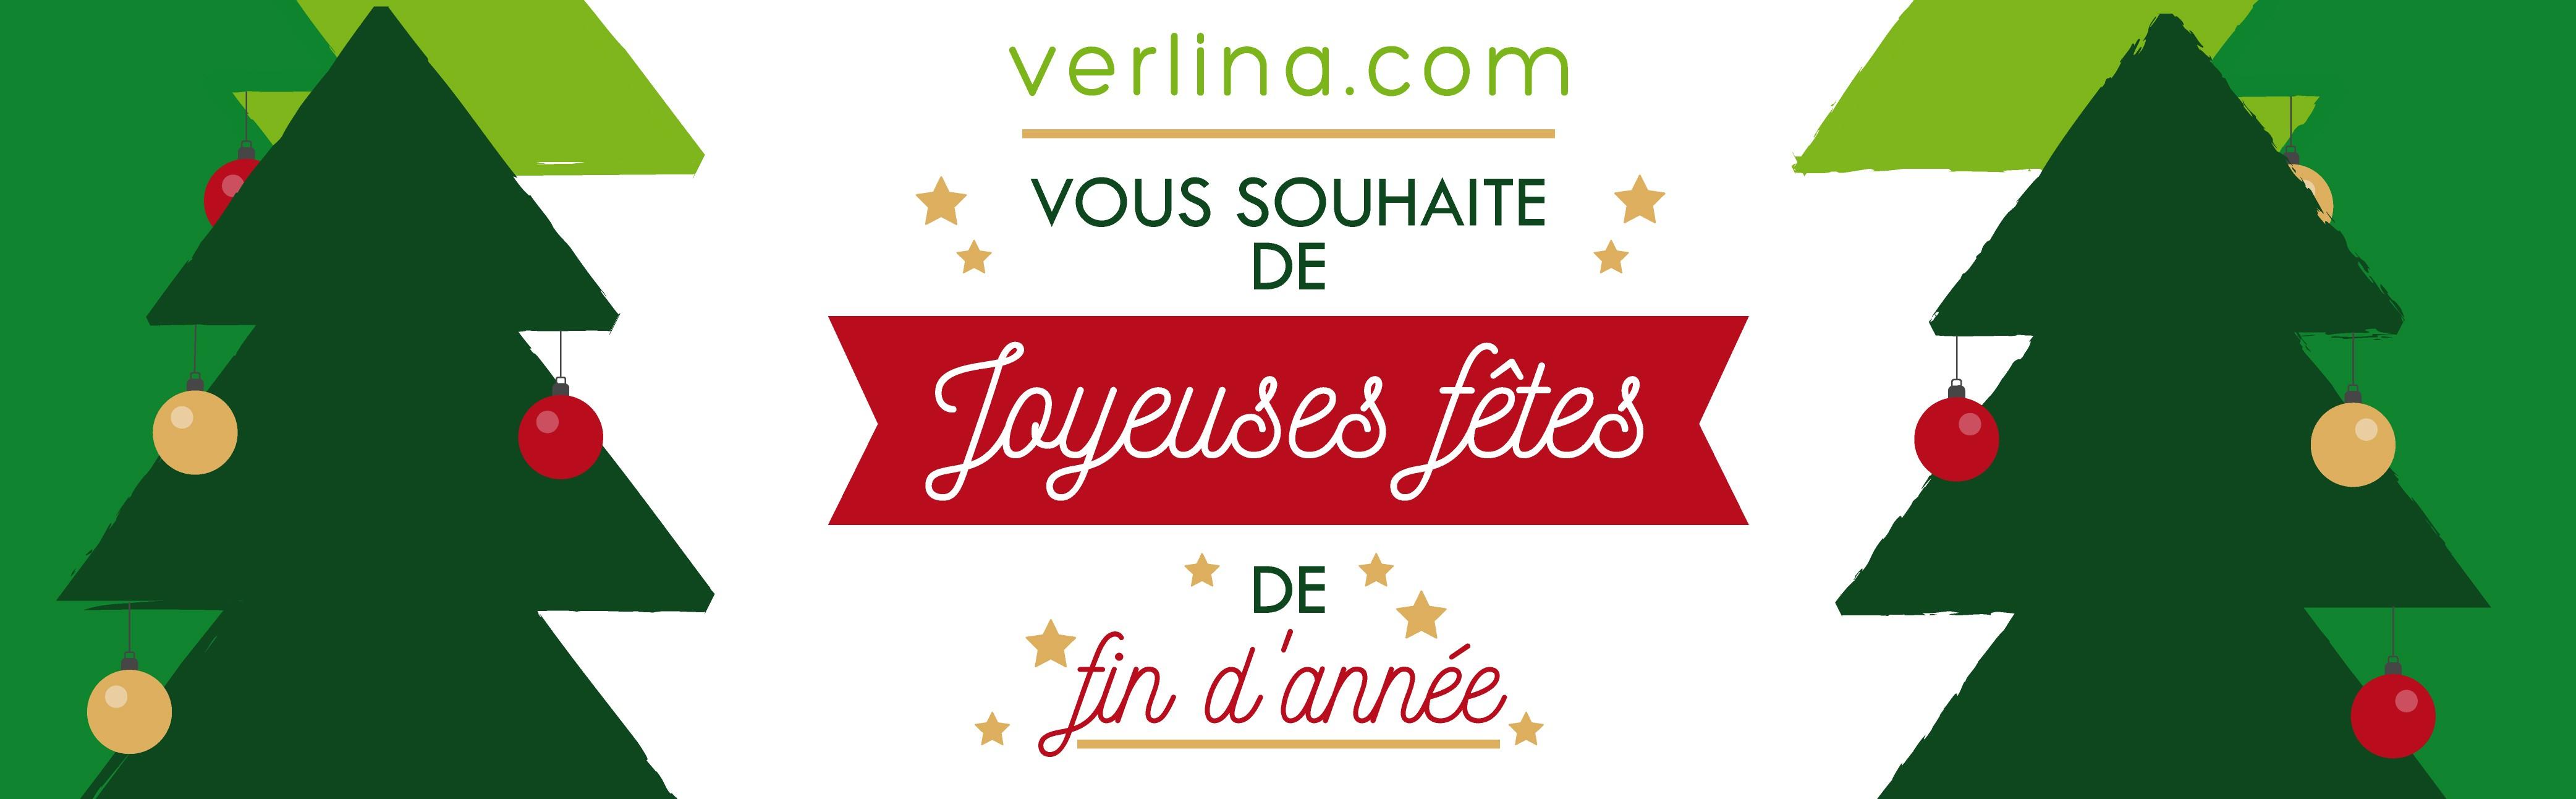 Verlina.com vous souhaite de joyeuses fêtes de fin d'année